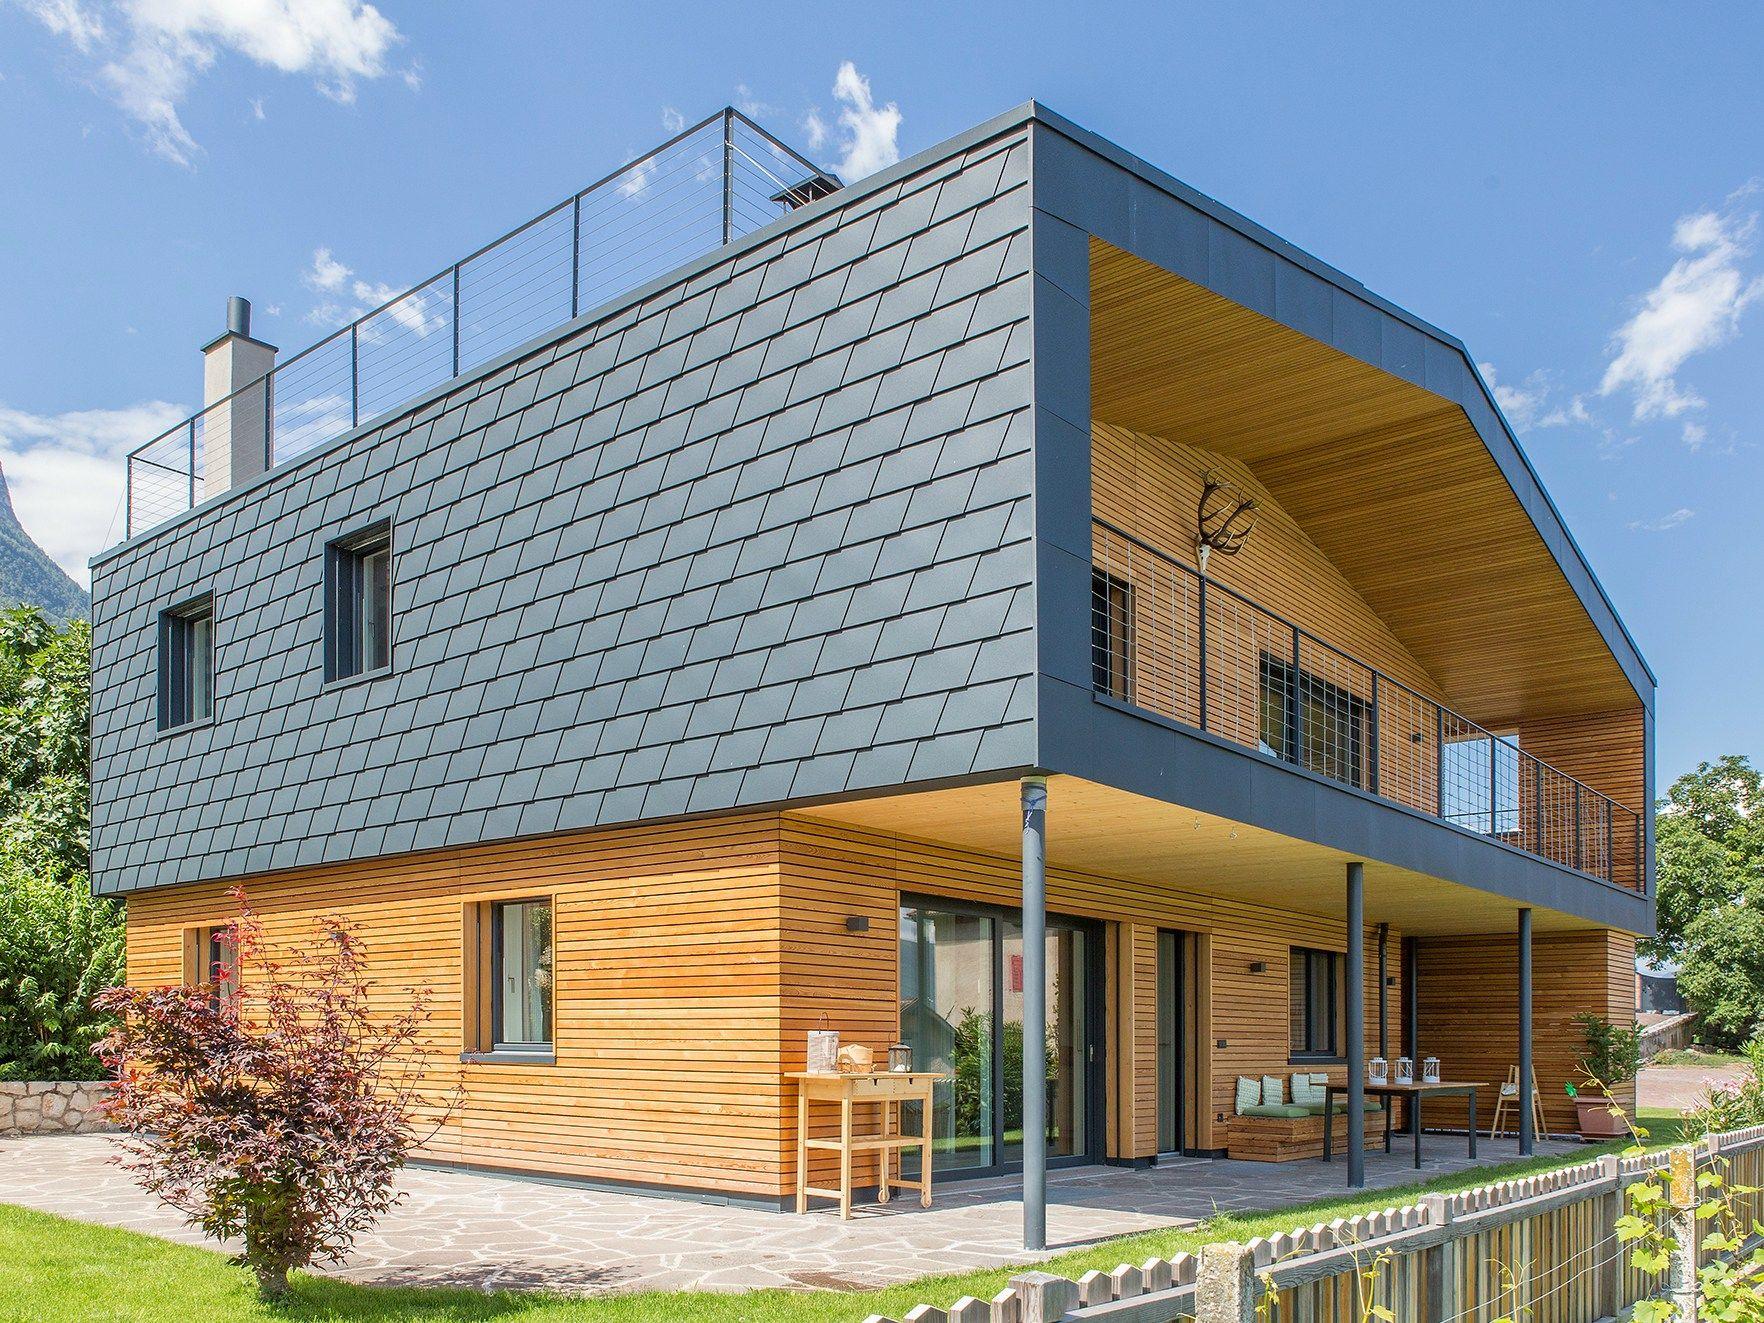 Scandola In Alluminio By Prefa Italia House Cladding Cladding Stucco Homes